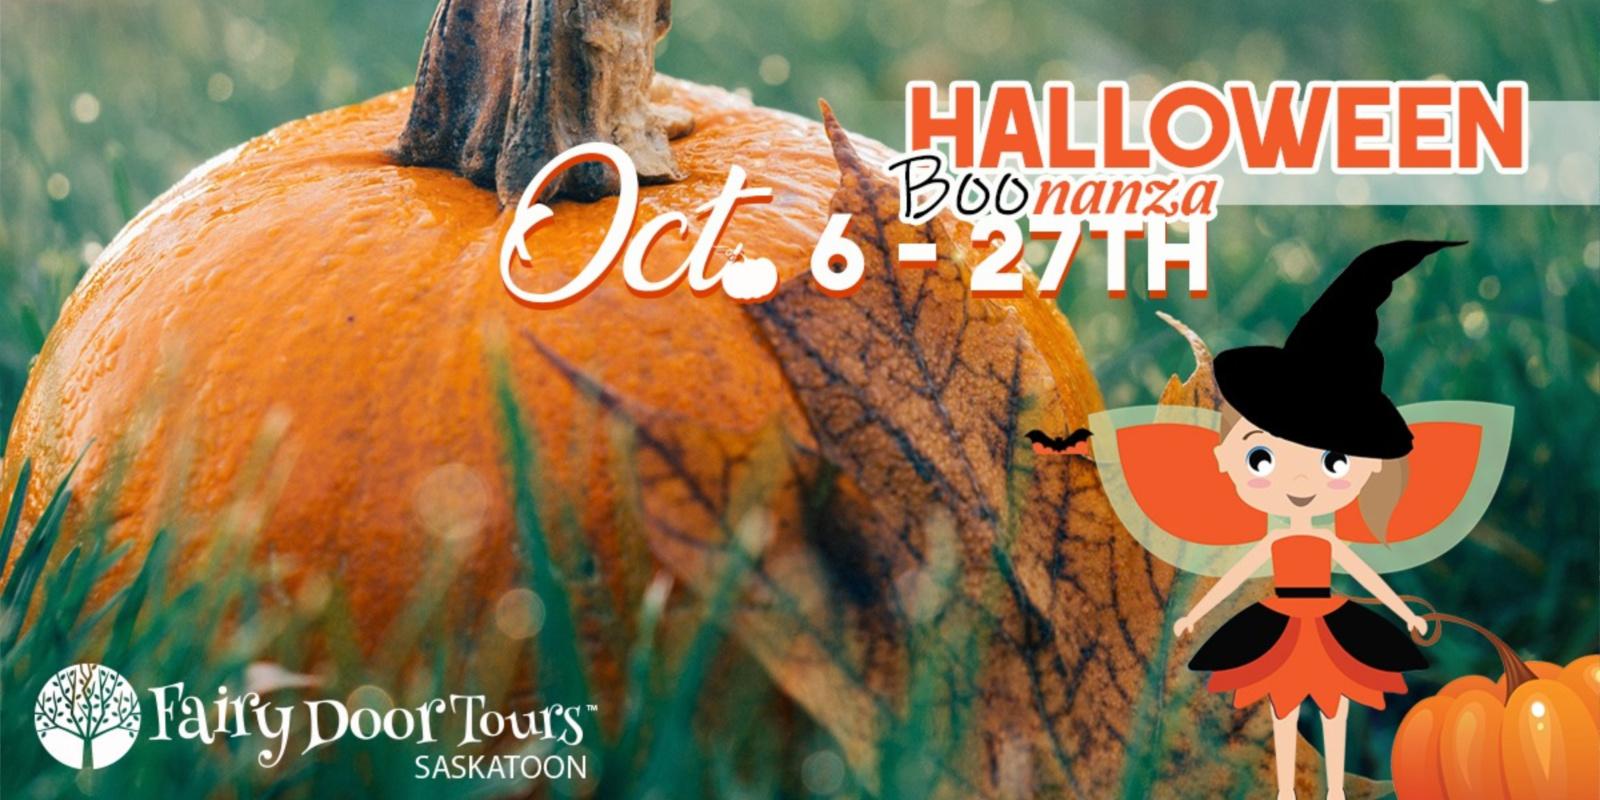 Fairy Door Tours Halloween Boonanza